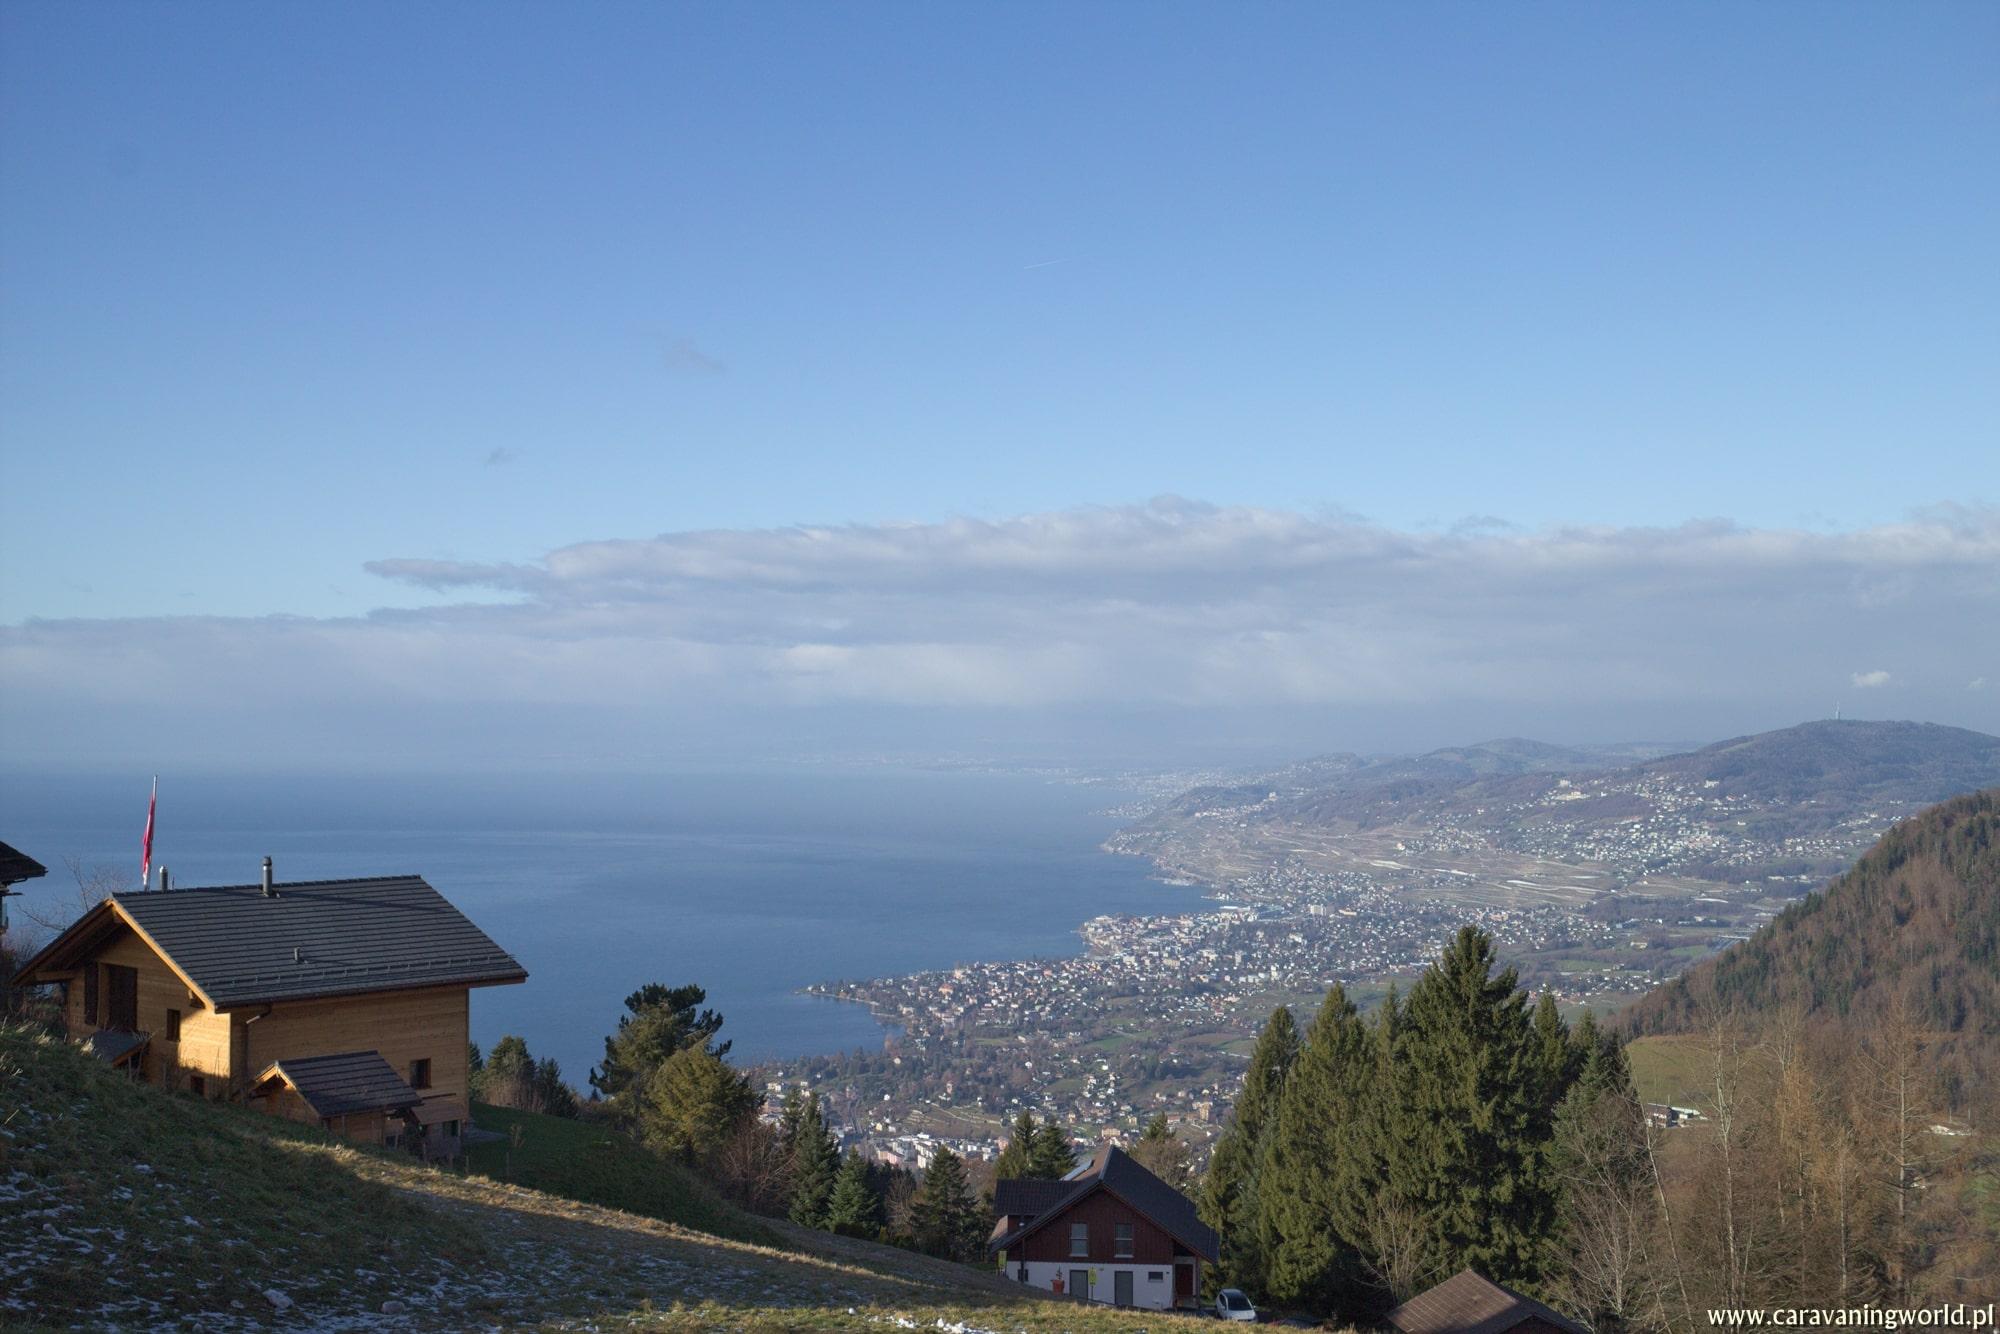 Widok na Jezioro Genewskie z innej perspektywy